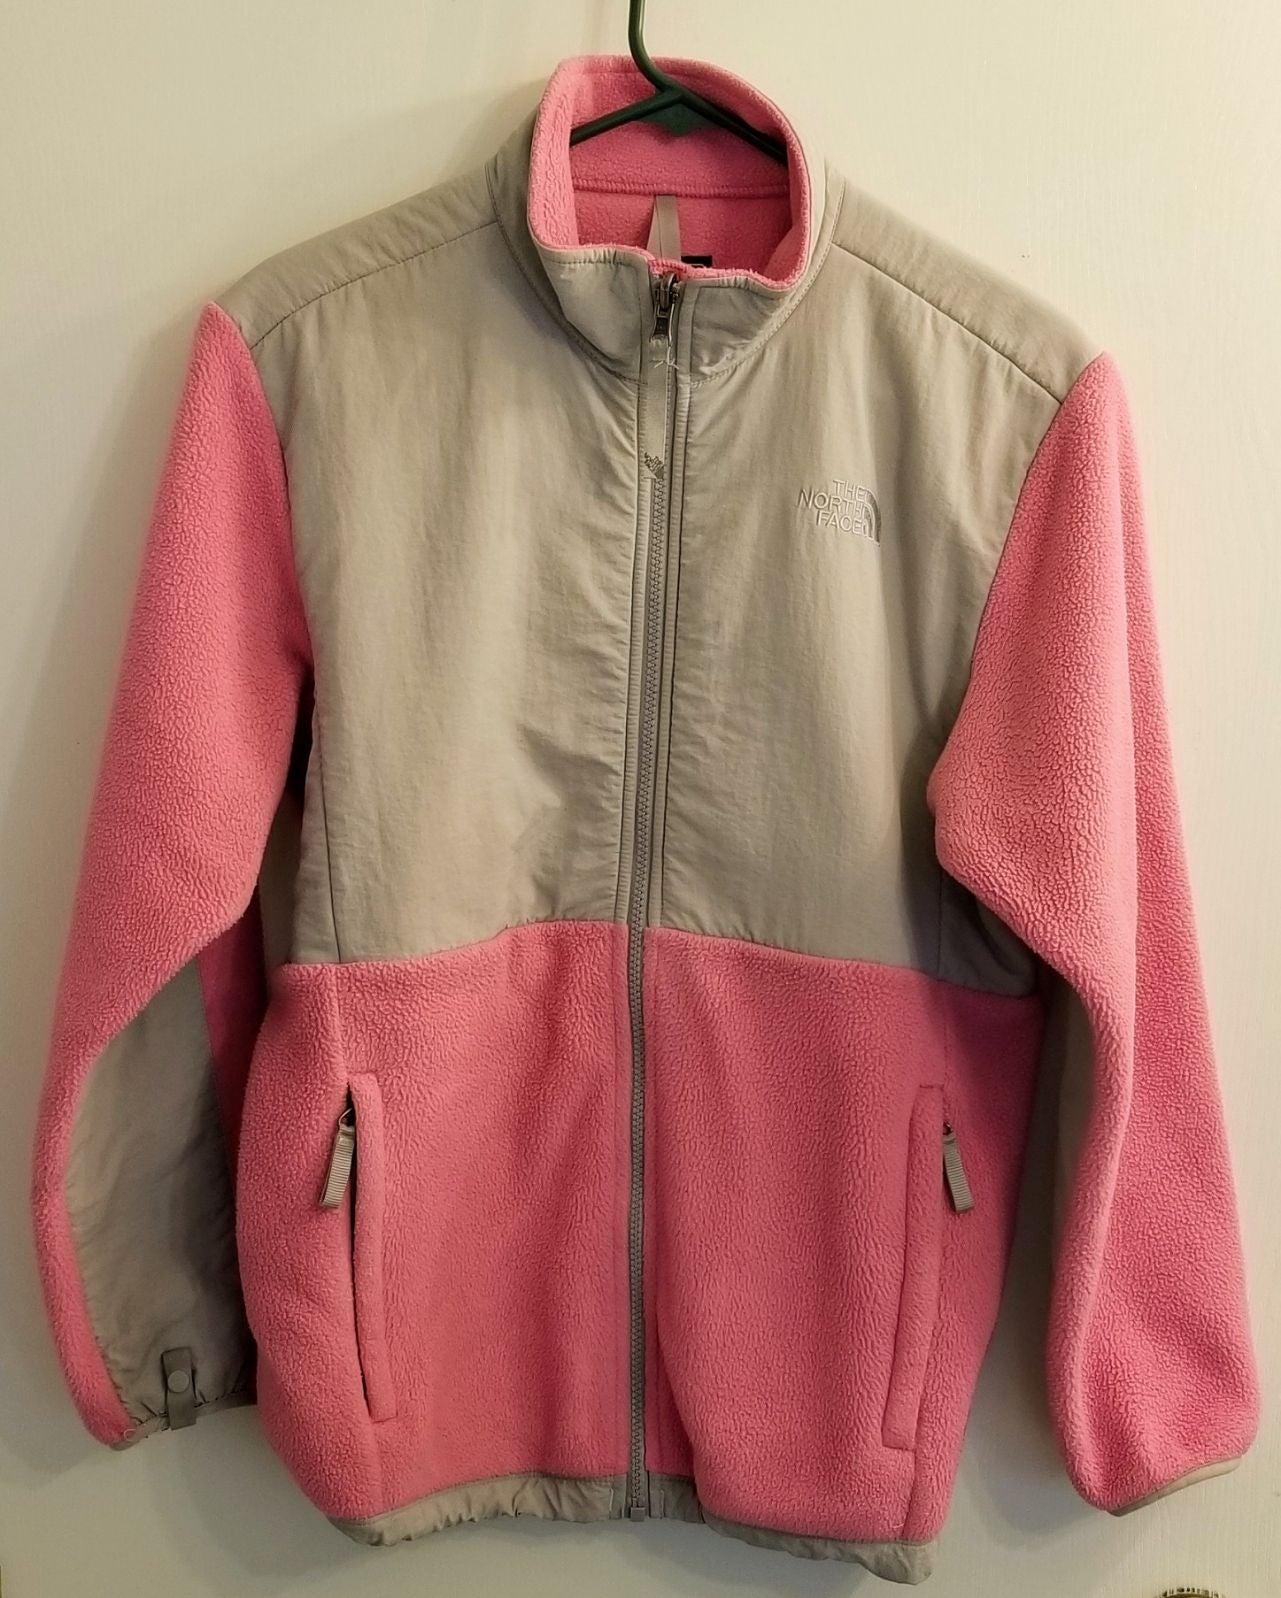 The North Face Polartec Girl's XL Jacket